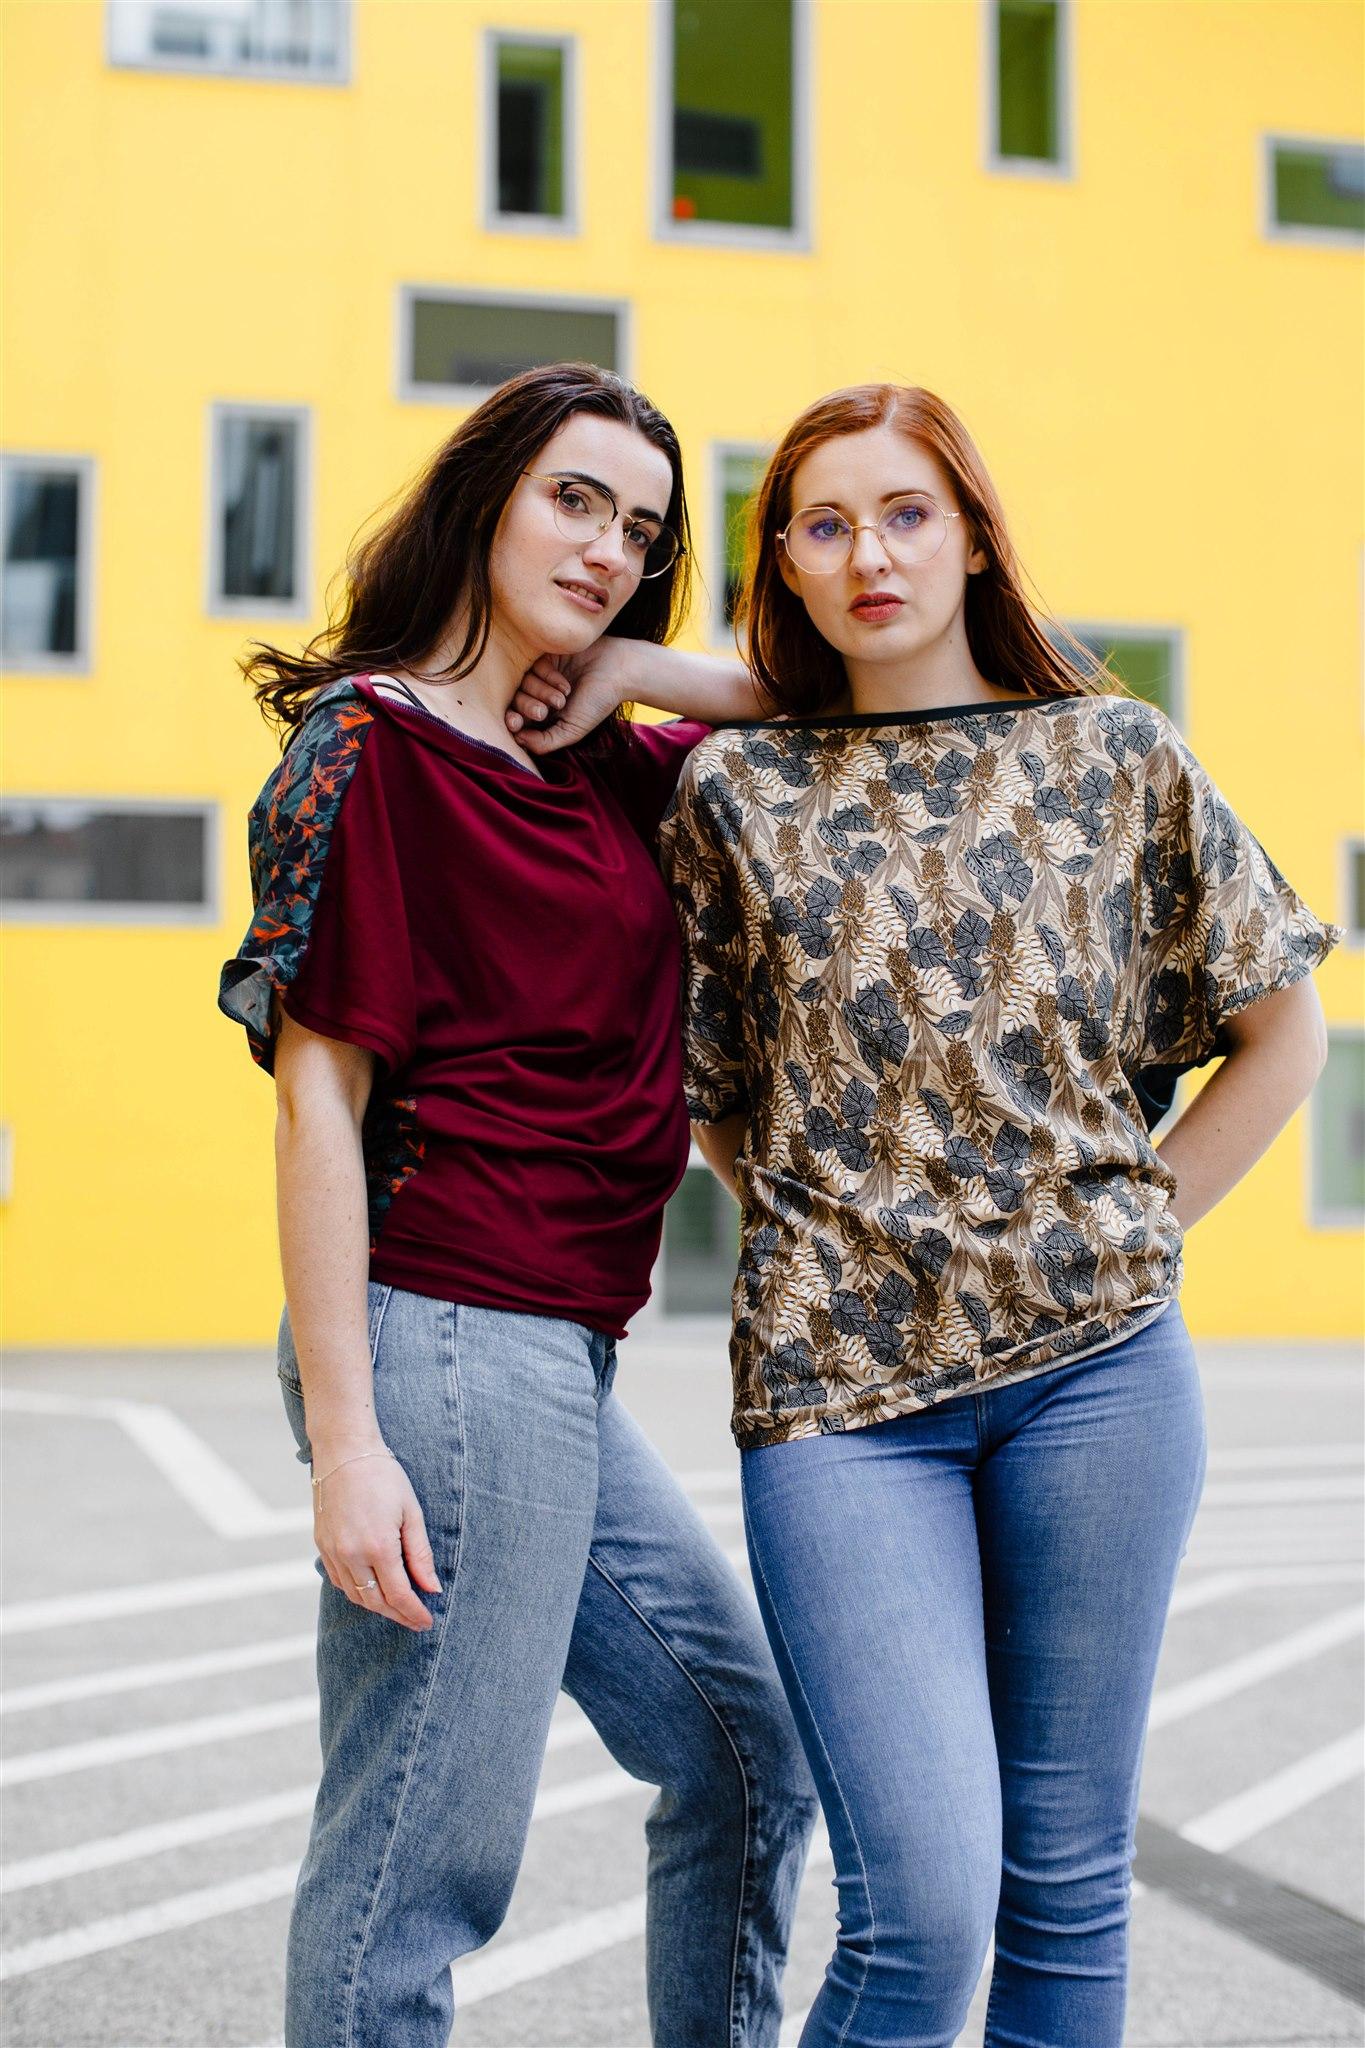 Julie Bonnard créations textiles vêtement prêt à porter Saint-Étienne - La Paire de Cerise (2)